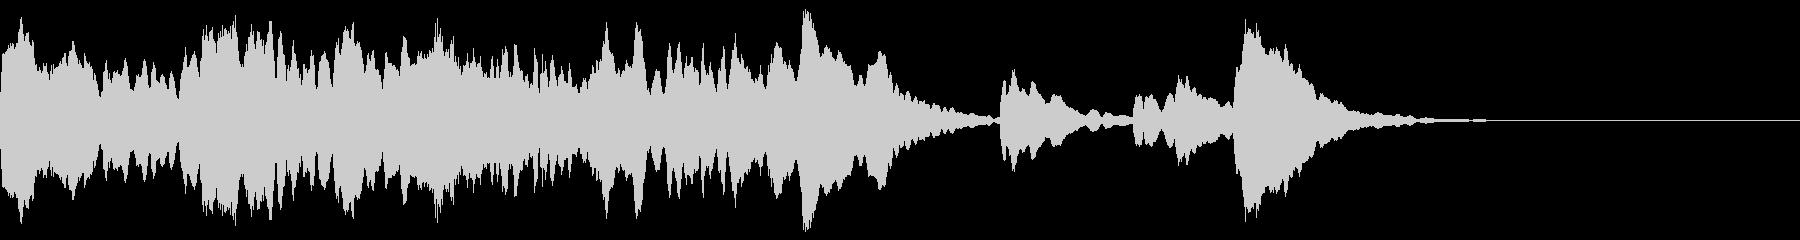 神秘的なクリスタル音05- ジングルCMの未再生の波形